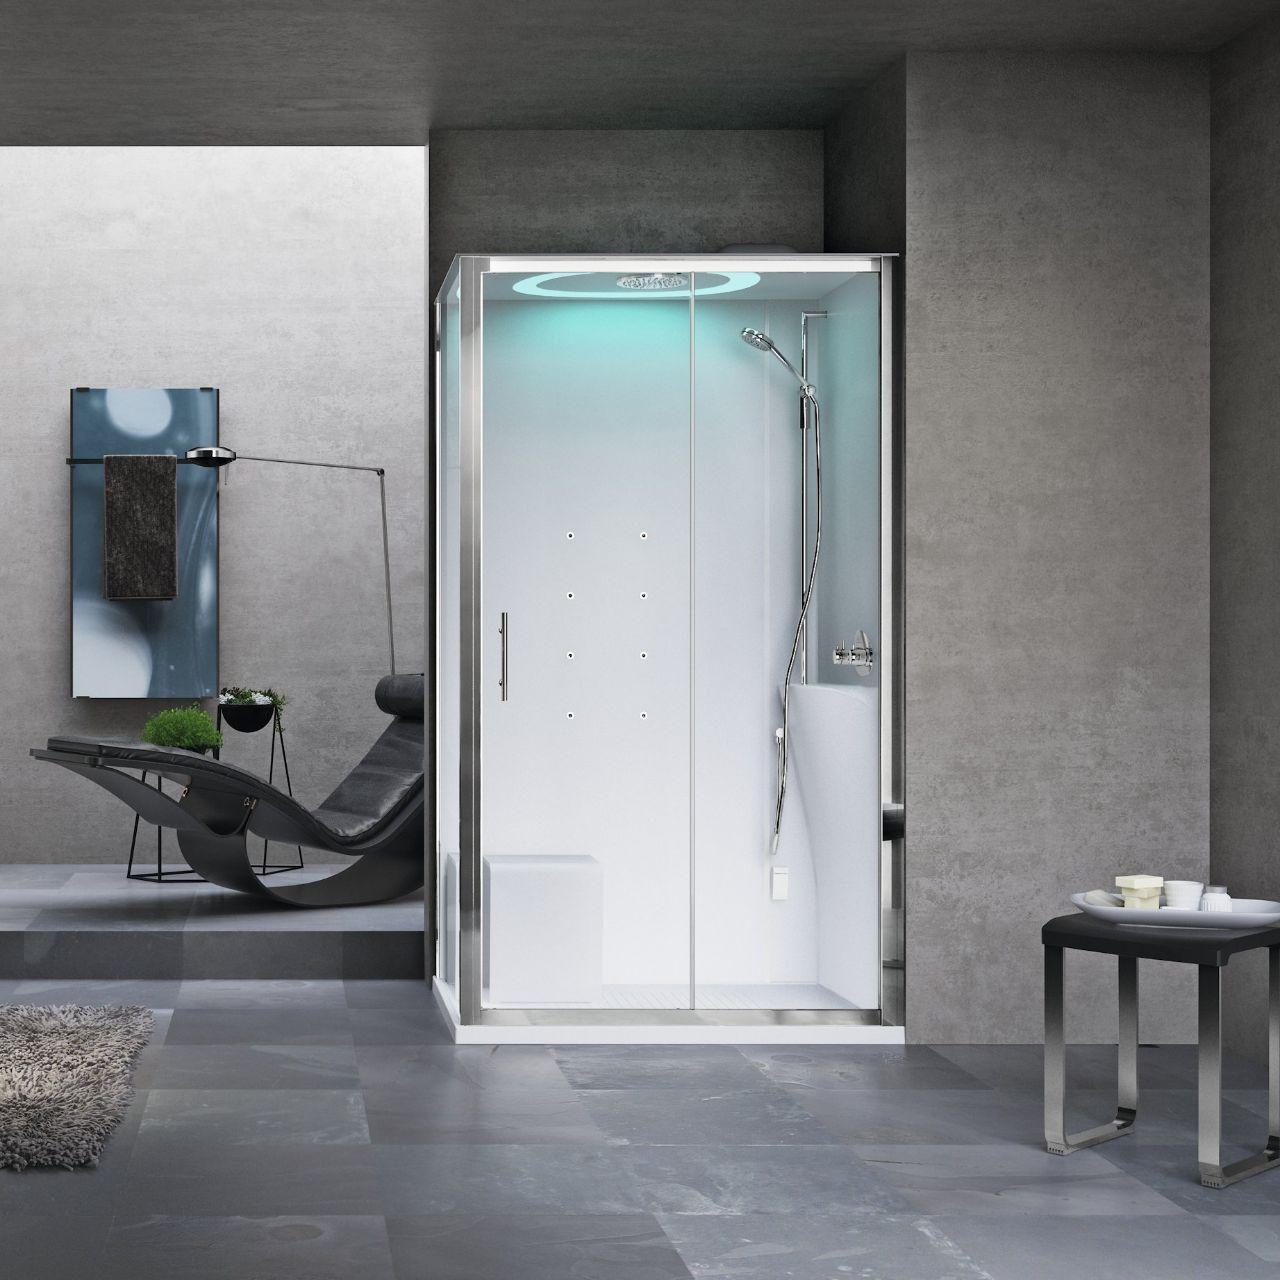 Cabine doccia eon 2p120x80 novellini - Cabine doccia multifunzione novellini ...